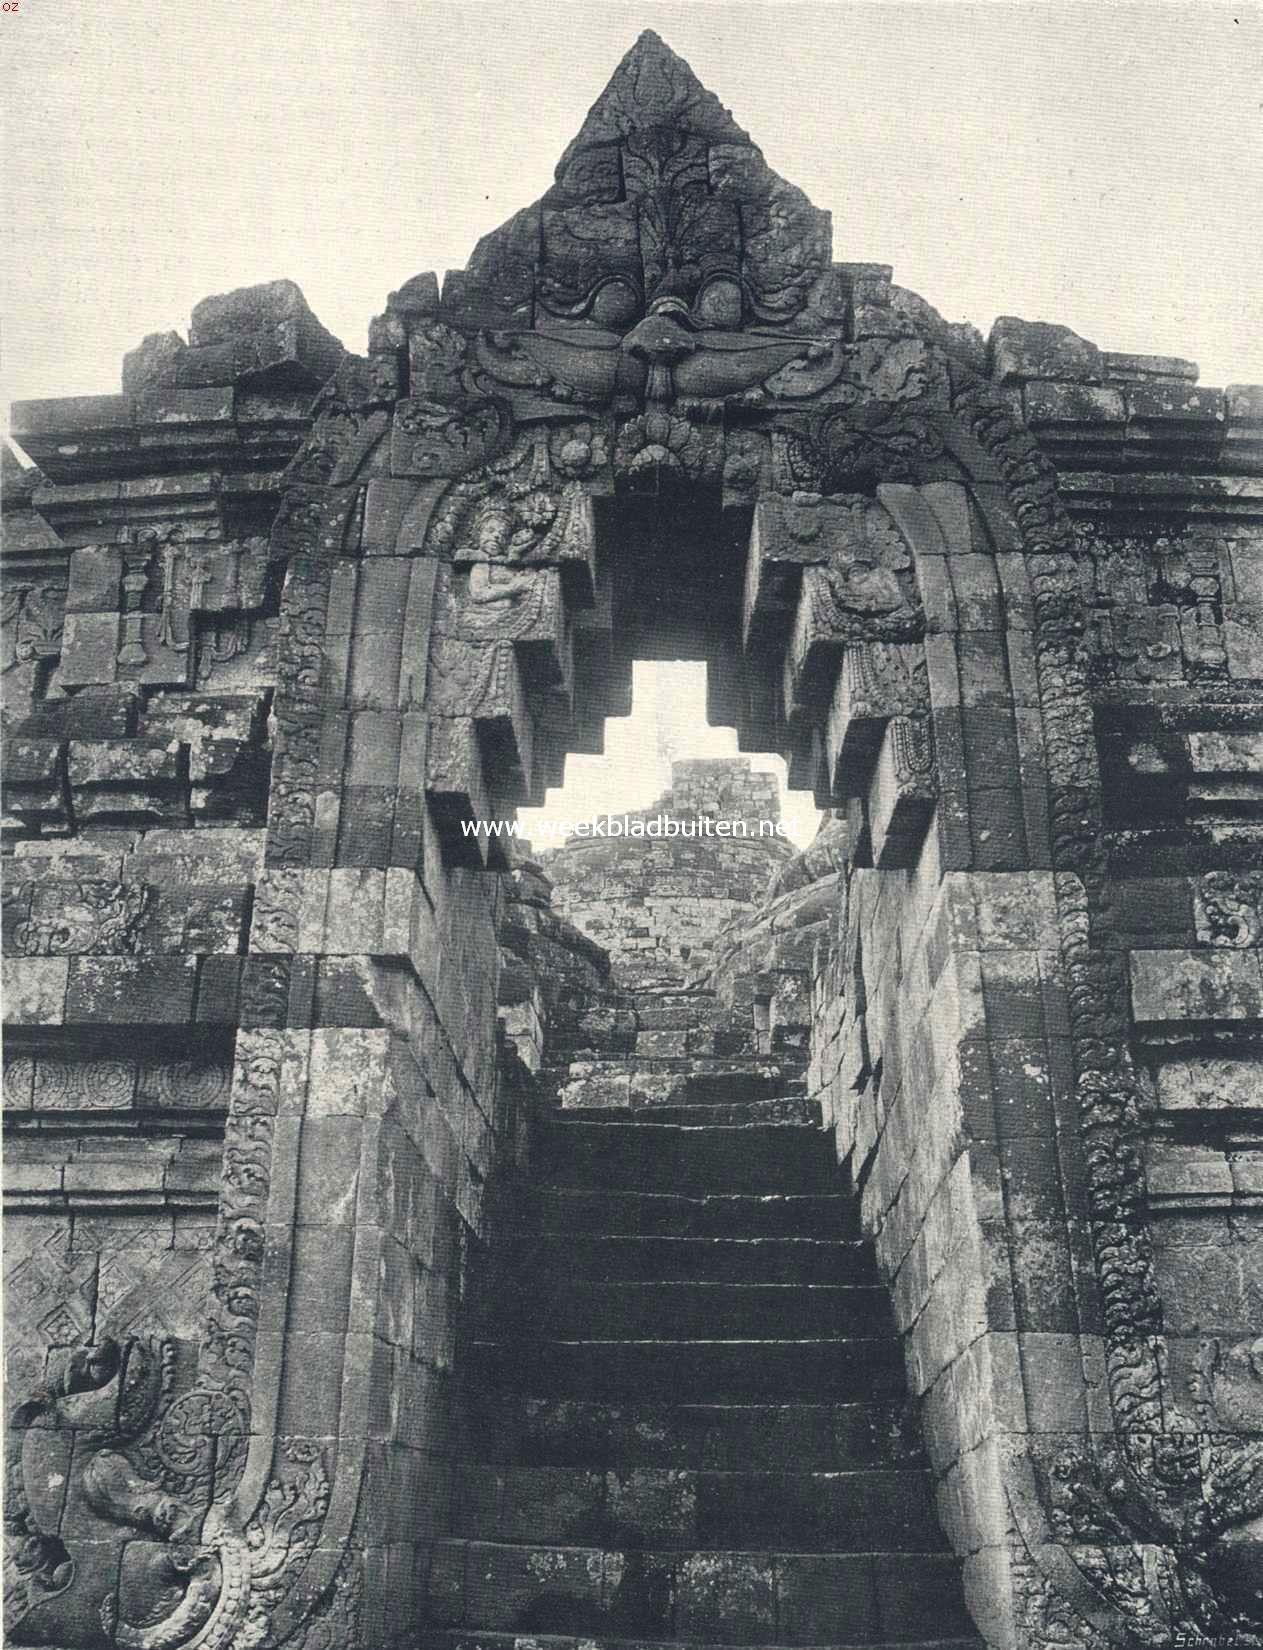 De Boroboedoer. Een der weinige overgebleven poorten, met doorkijk boven de trappen. De stijlen dezer poort moet men zich loodrecht voorstellen